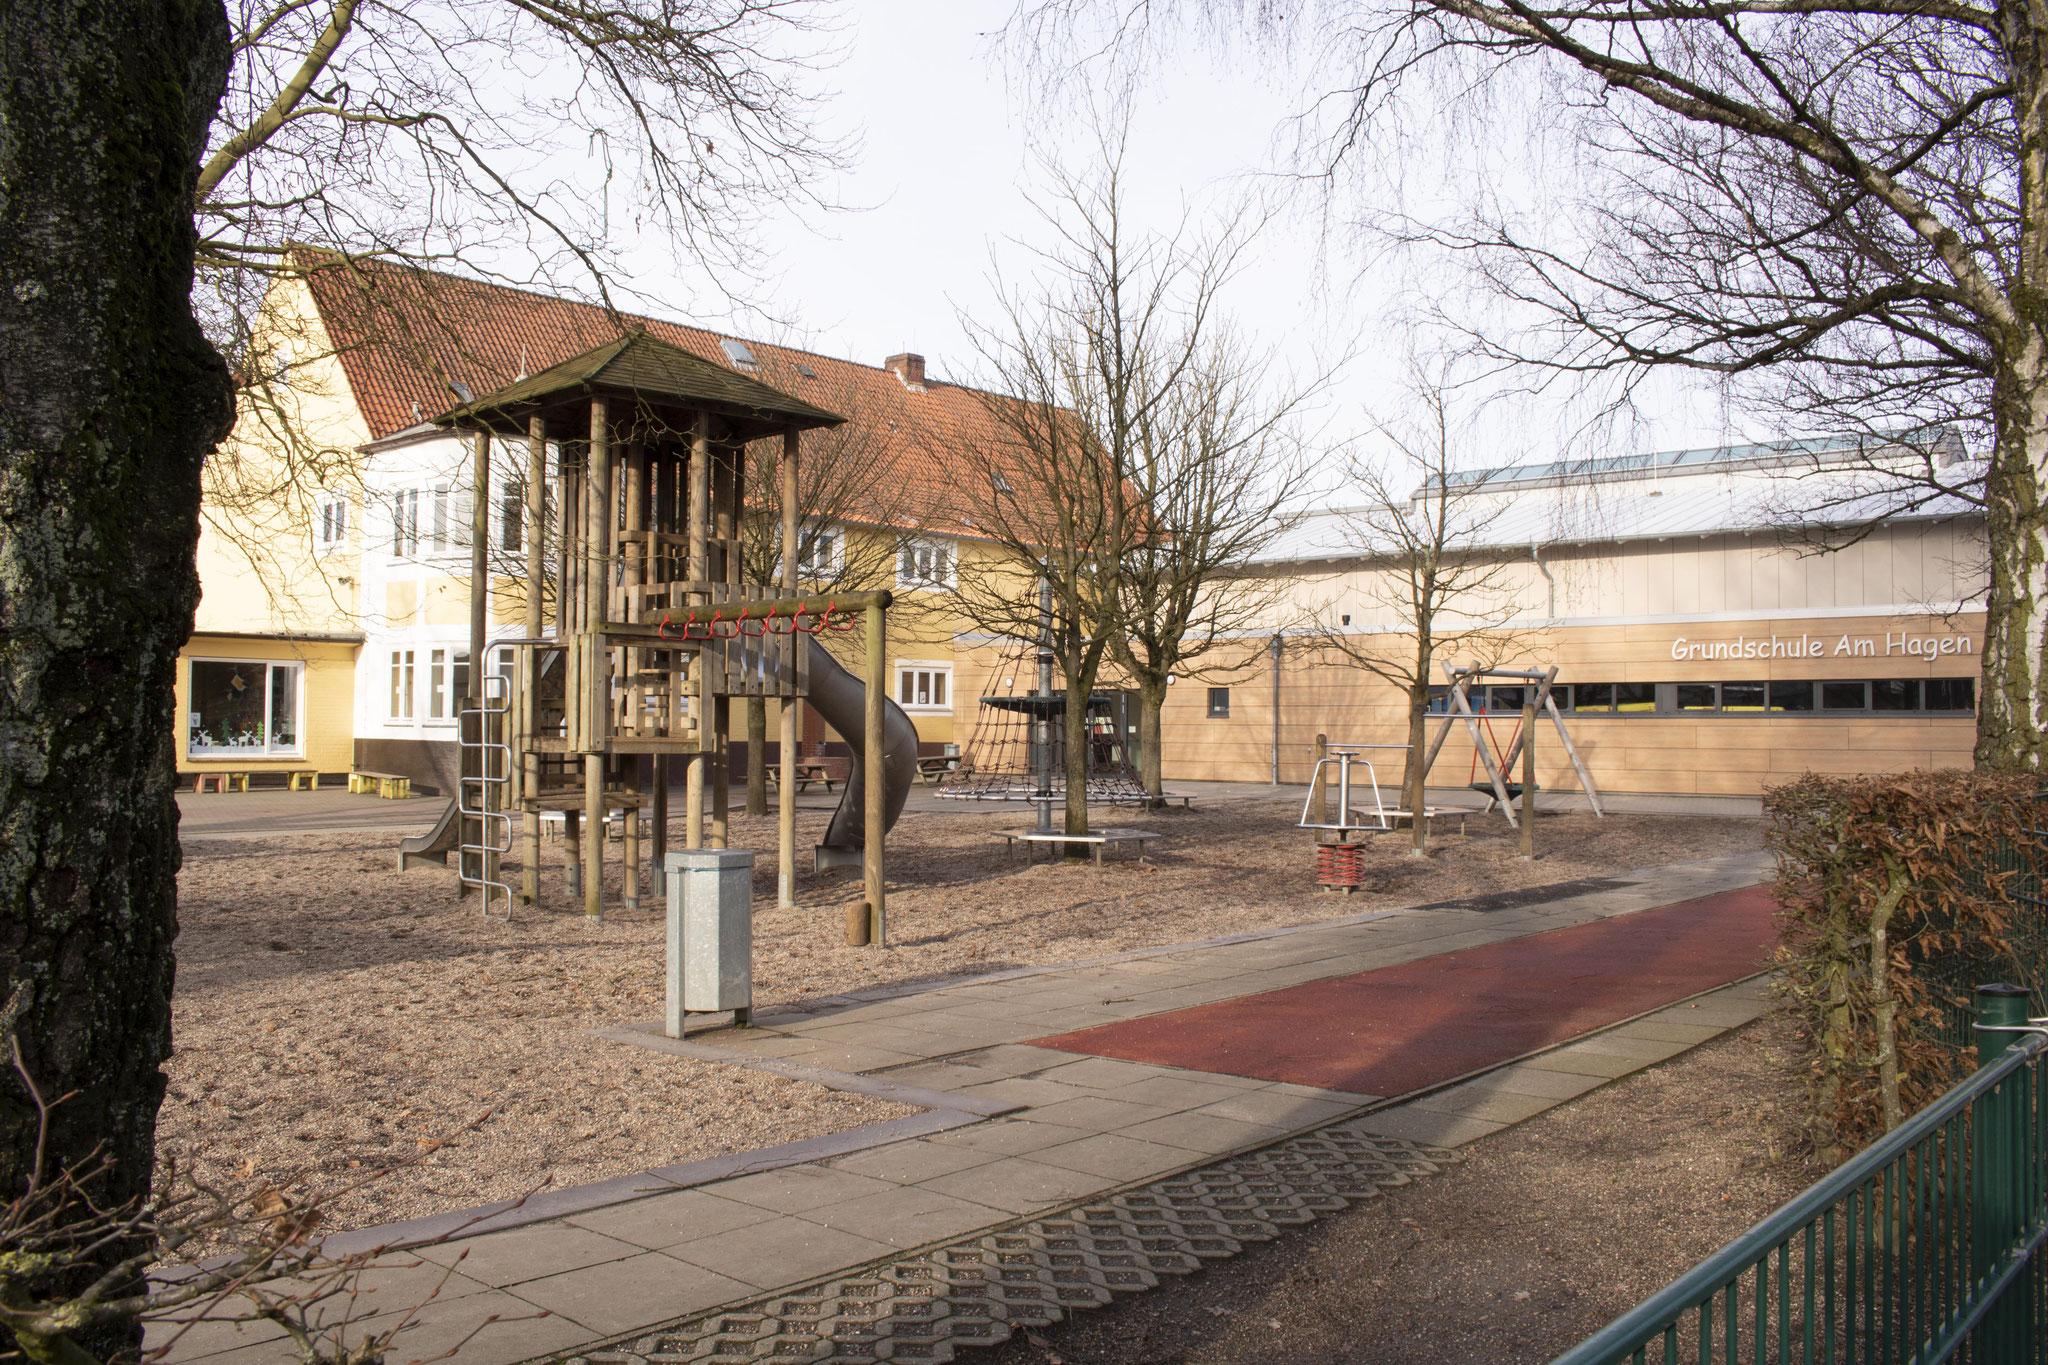 Grundschule Am Hagen